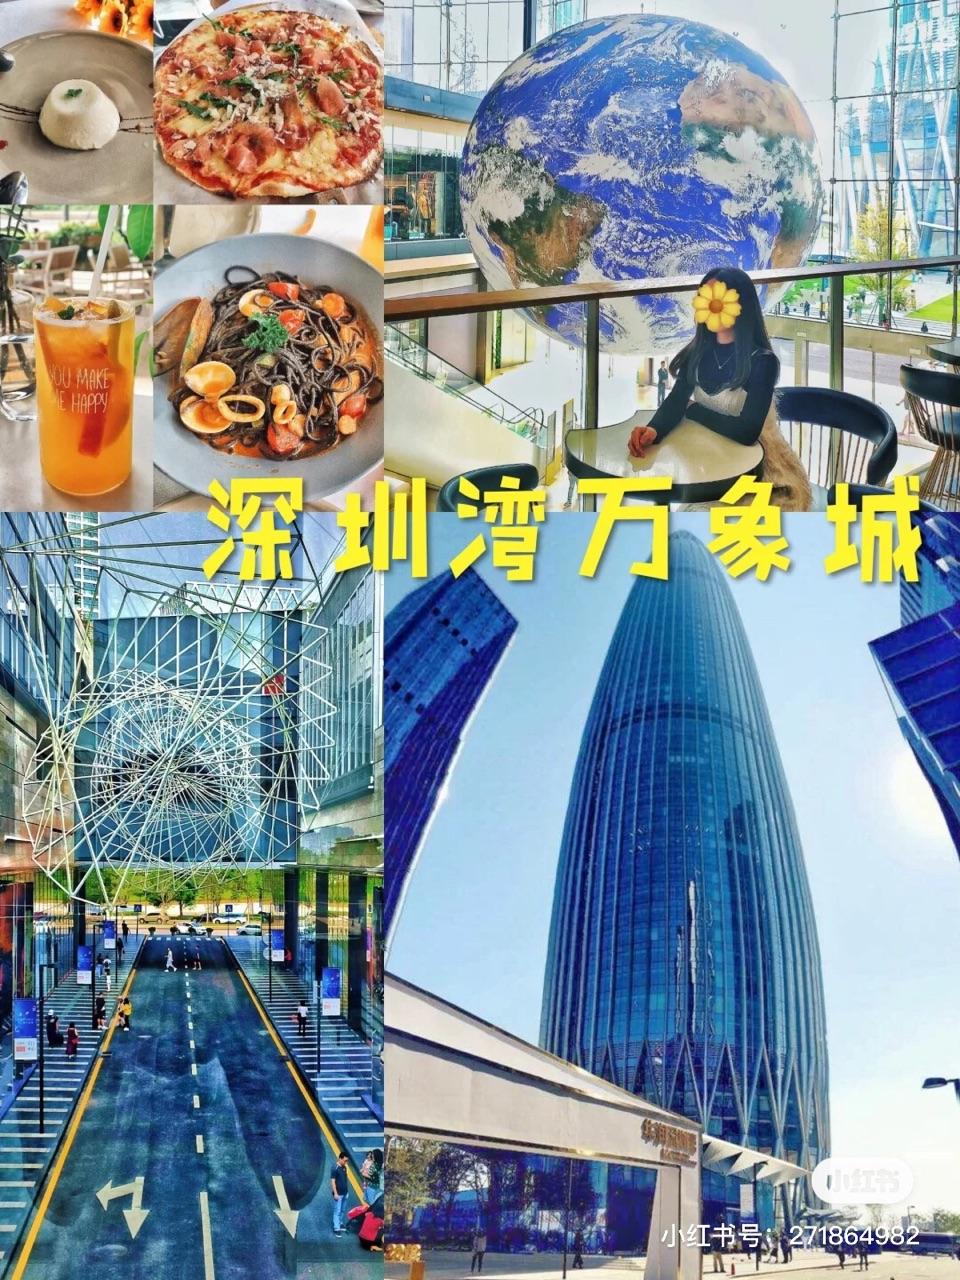 广州周边游 深圳一日游攻略📸免费景点❗